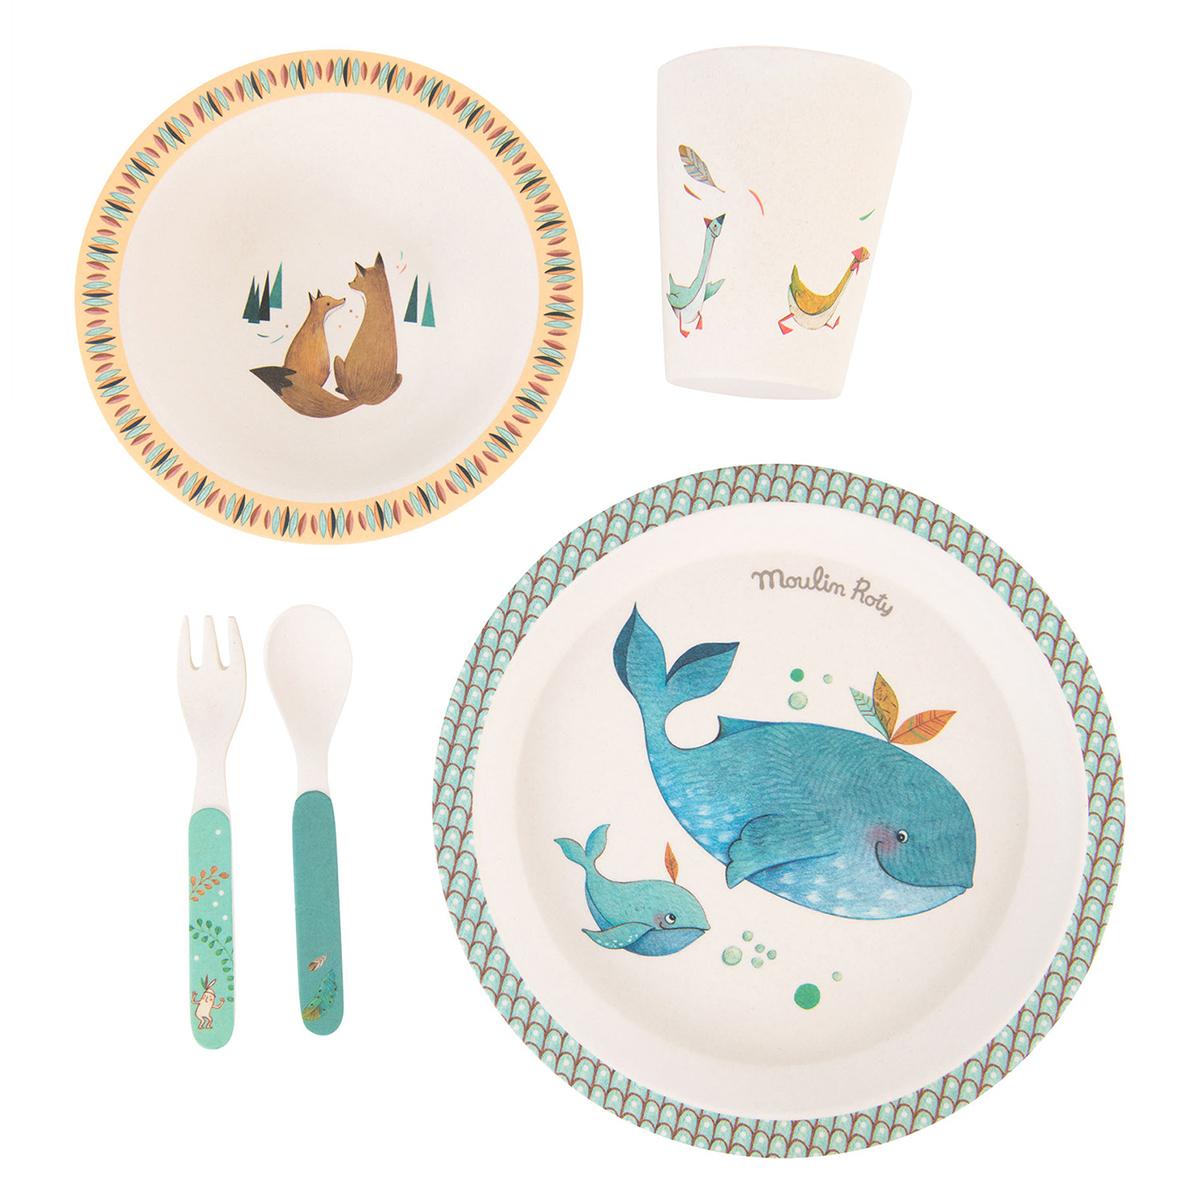 Coffret repas Set Vaisselle 5 Pièces Bambou - Le Voyage d'Olga Set Vaisselle 5 Pièces Bambou - Le Voyage d'Olga